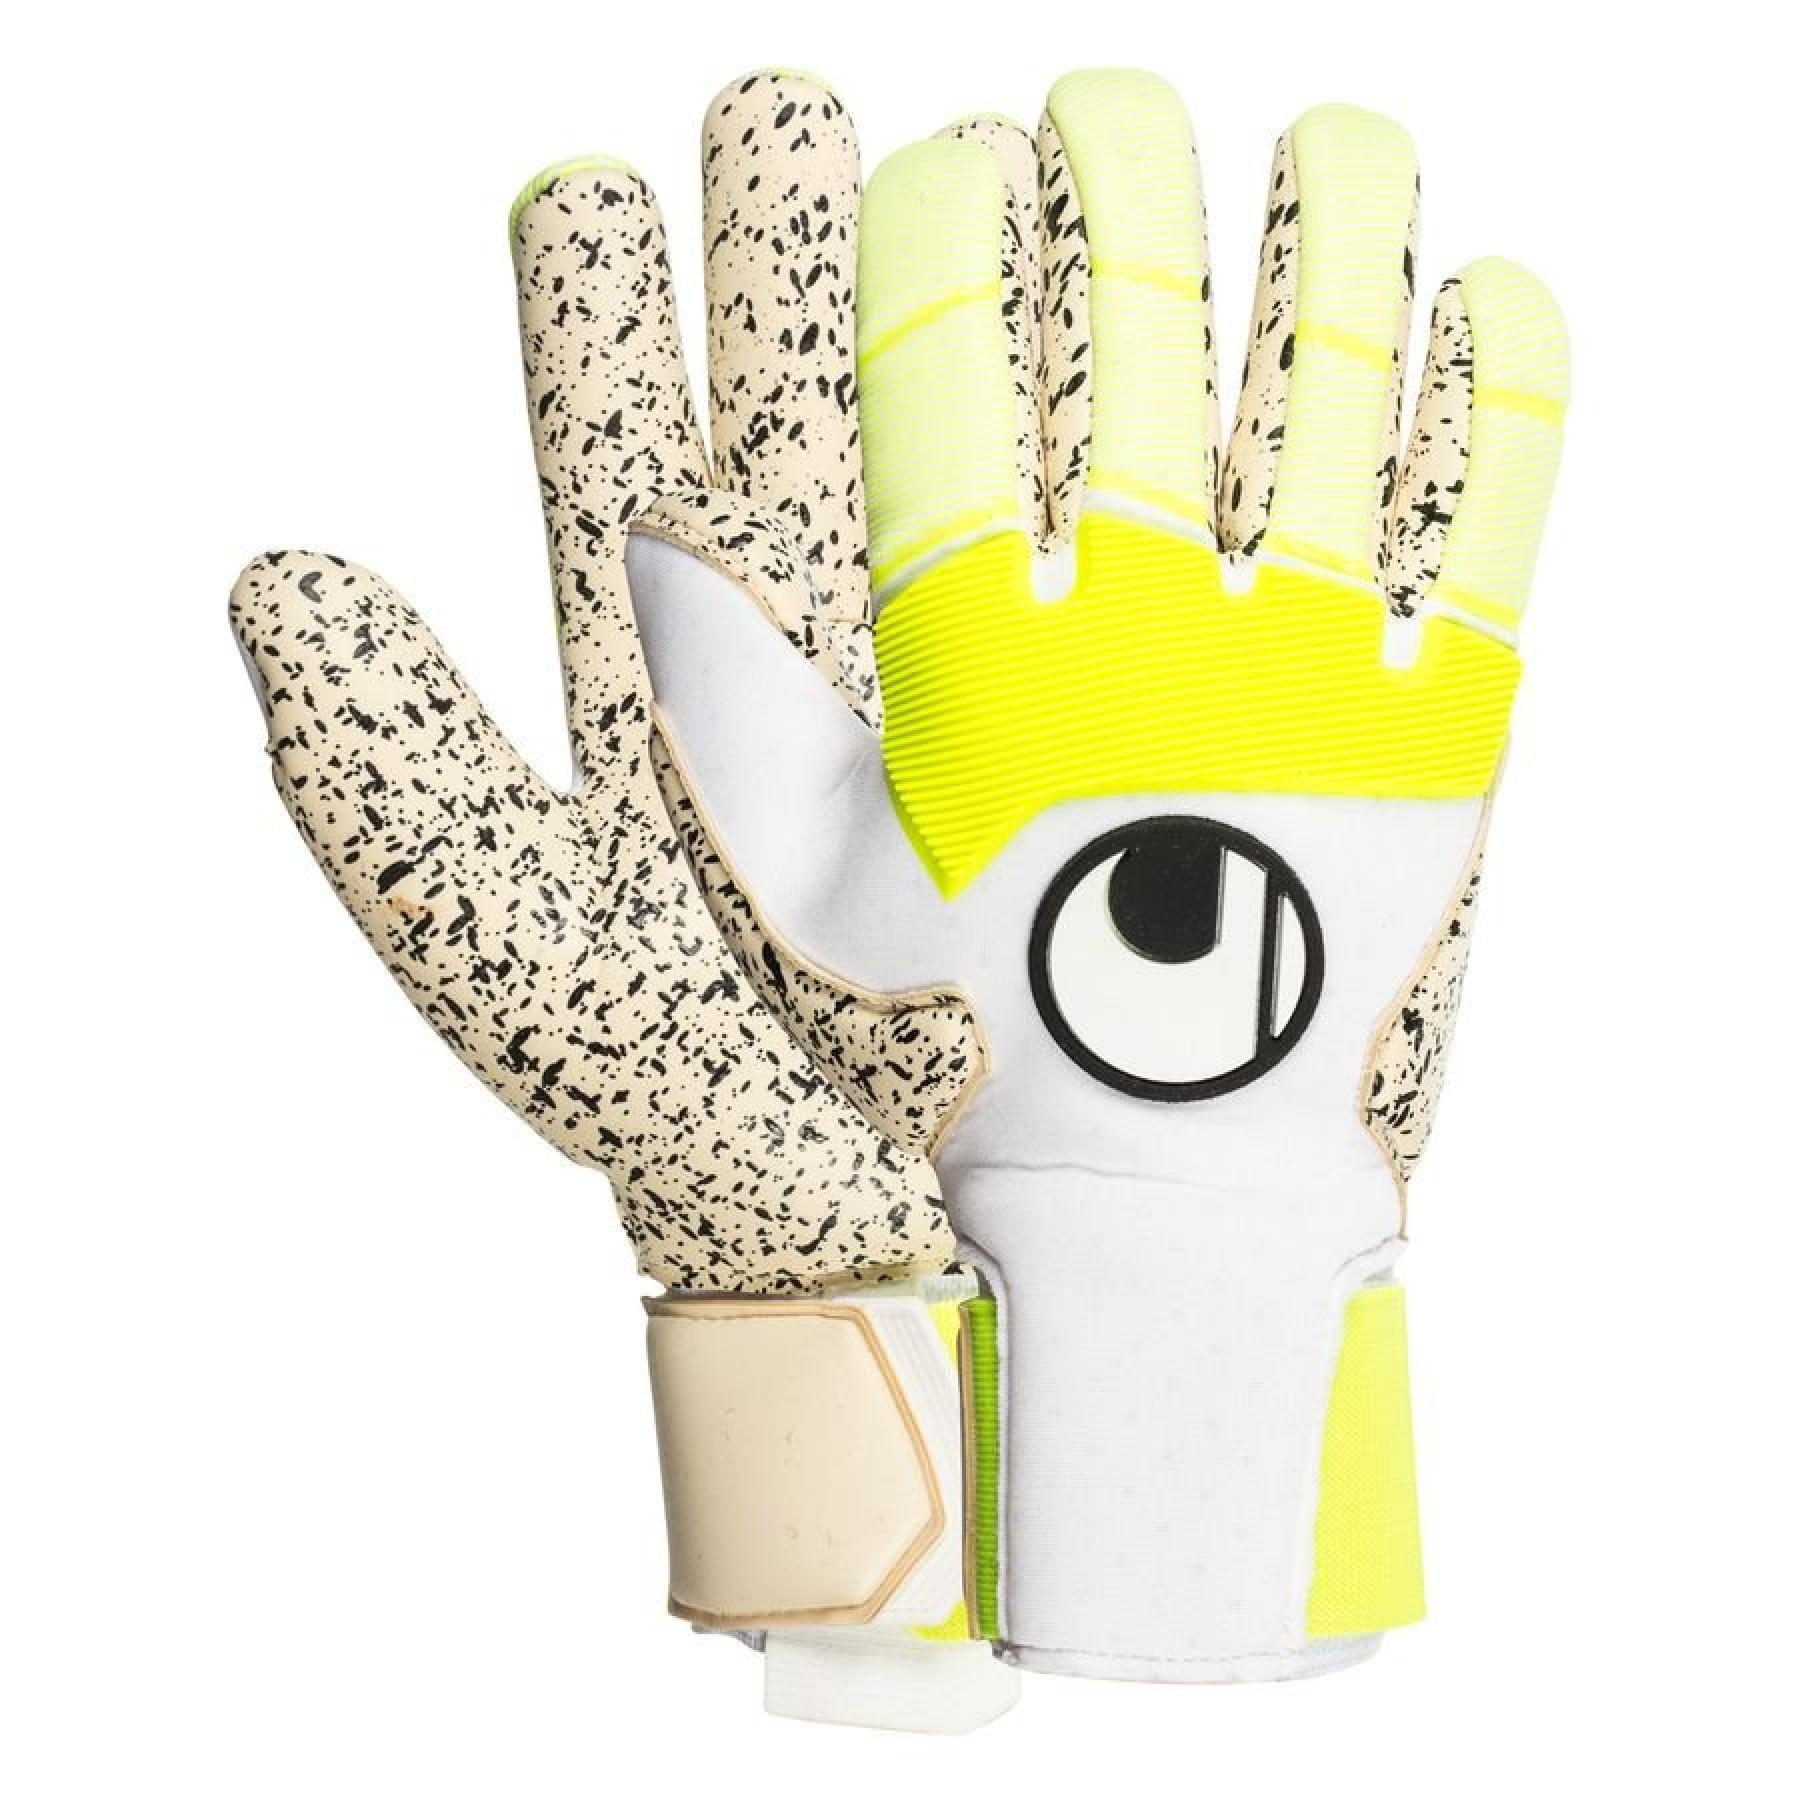 Uhlsport Pure Alliance SuperGrip+ Finger Surround Handschoenen